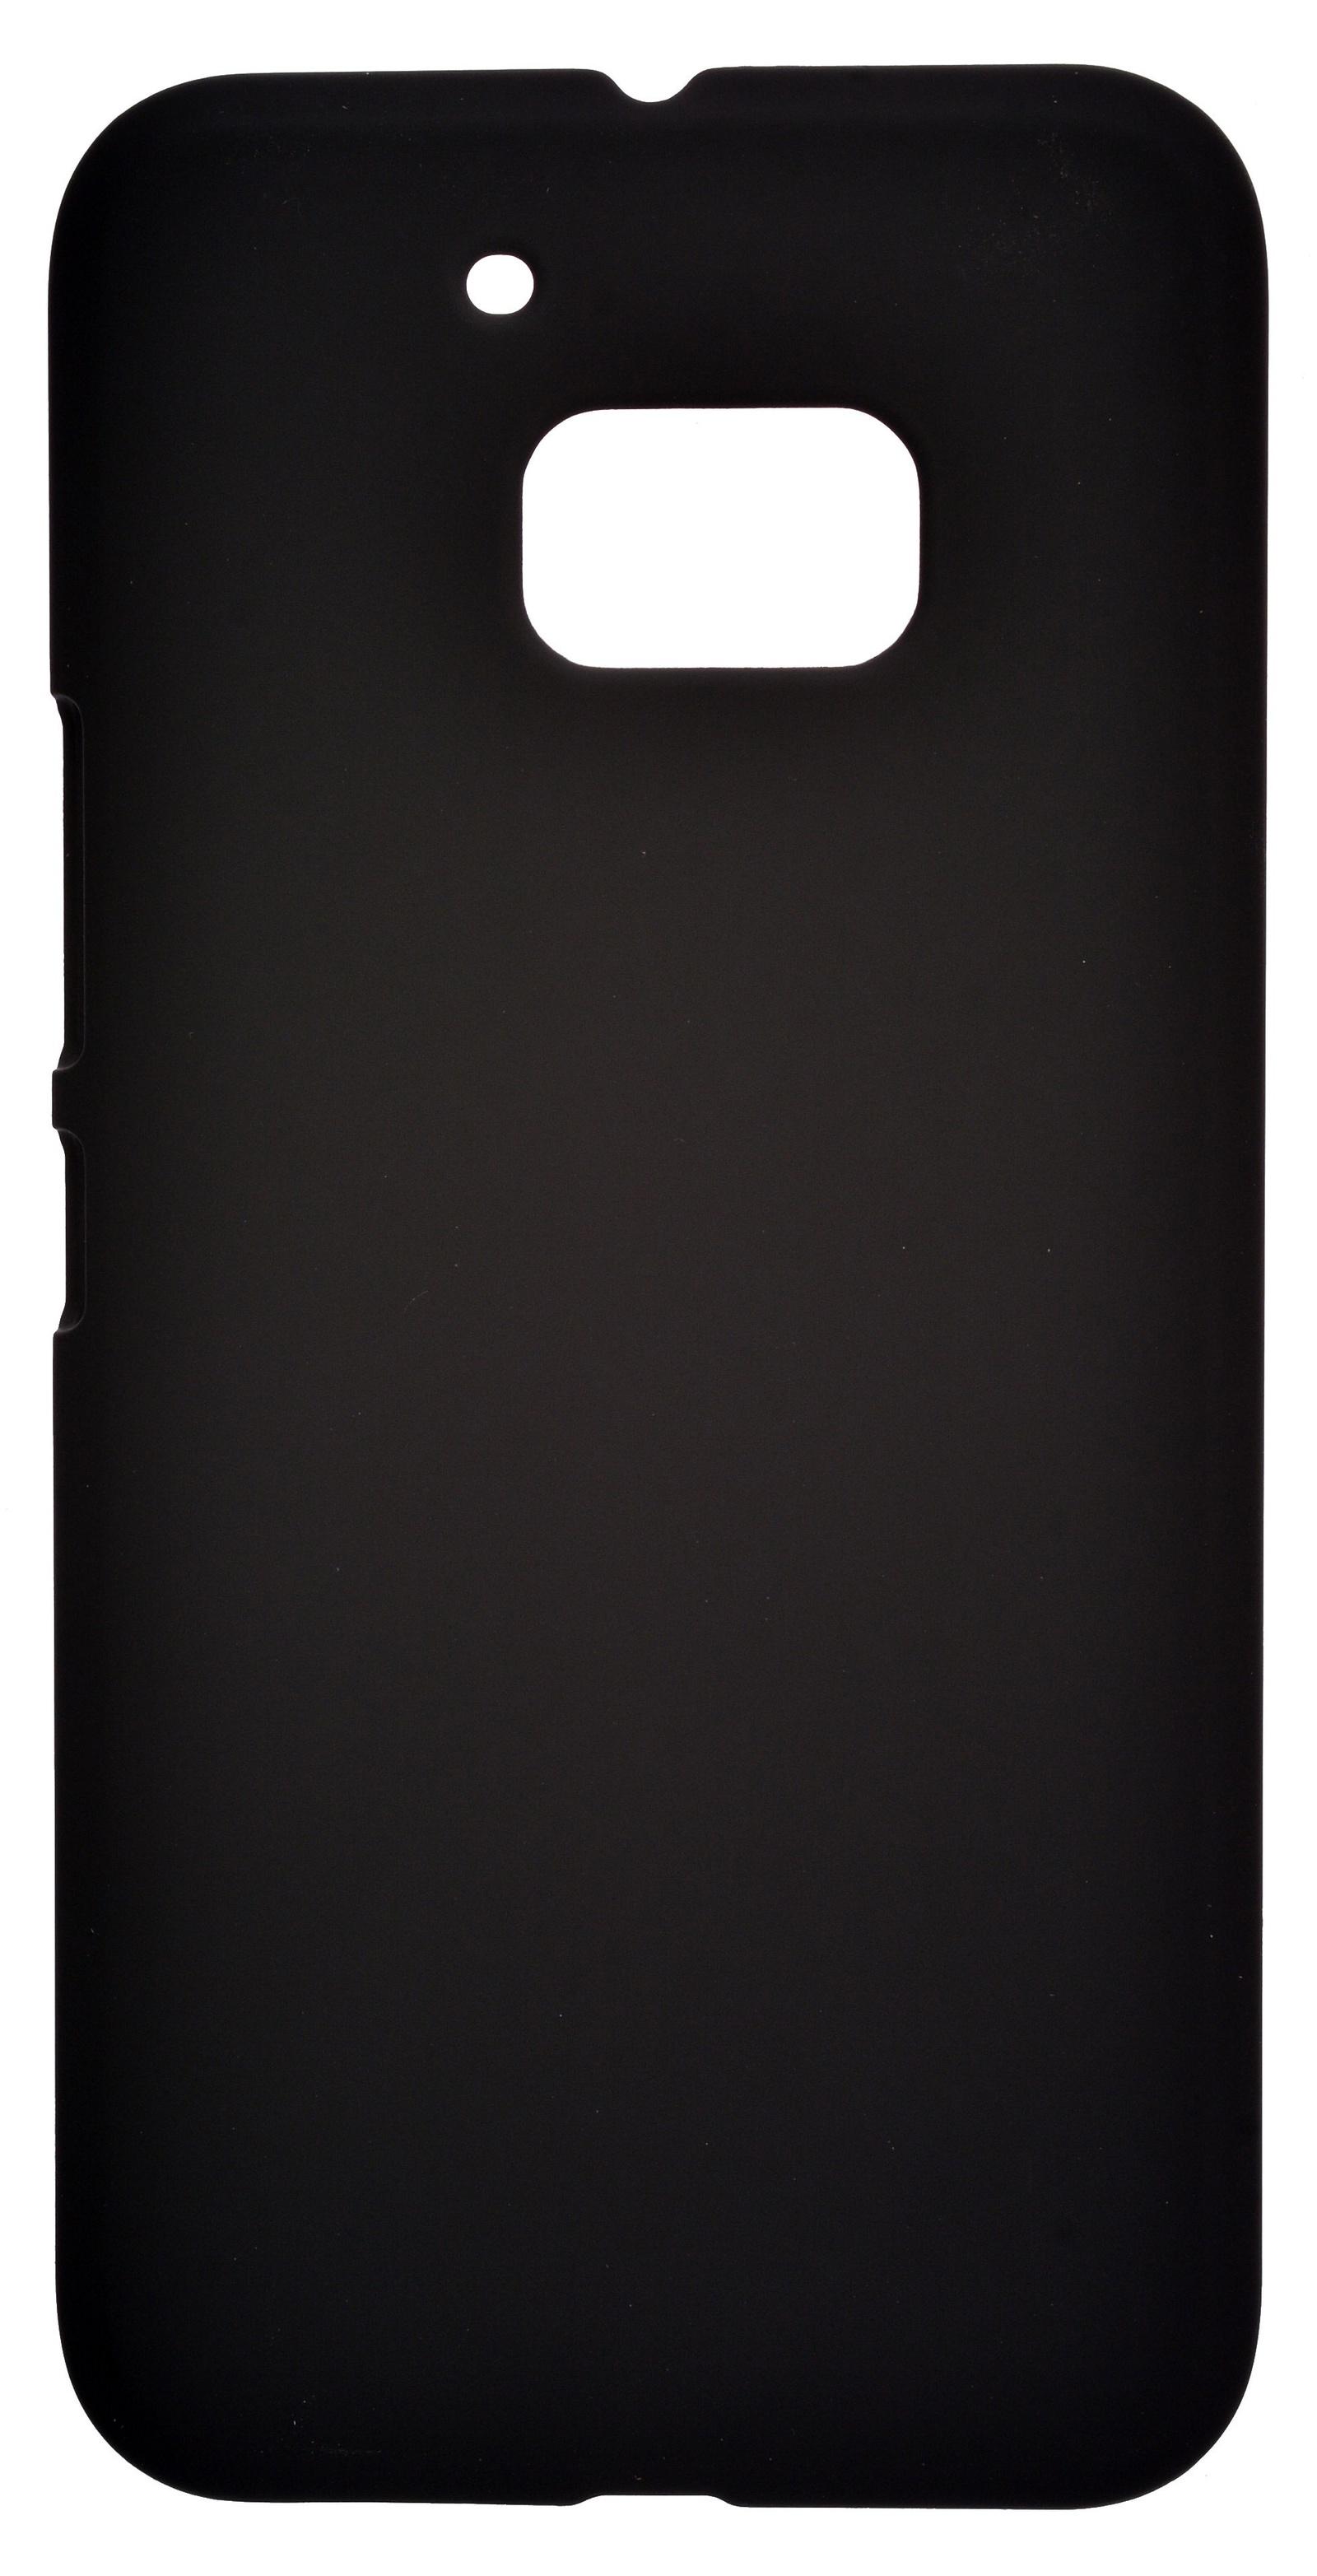 цена на Чехол для сотового телефона skinBOX 4People, 4630042524590, черный